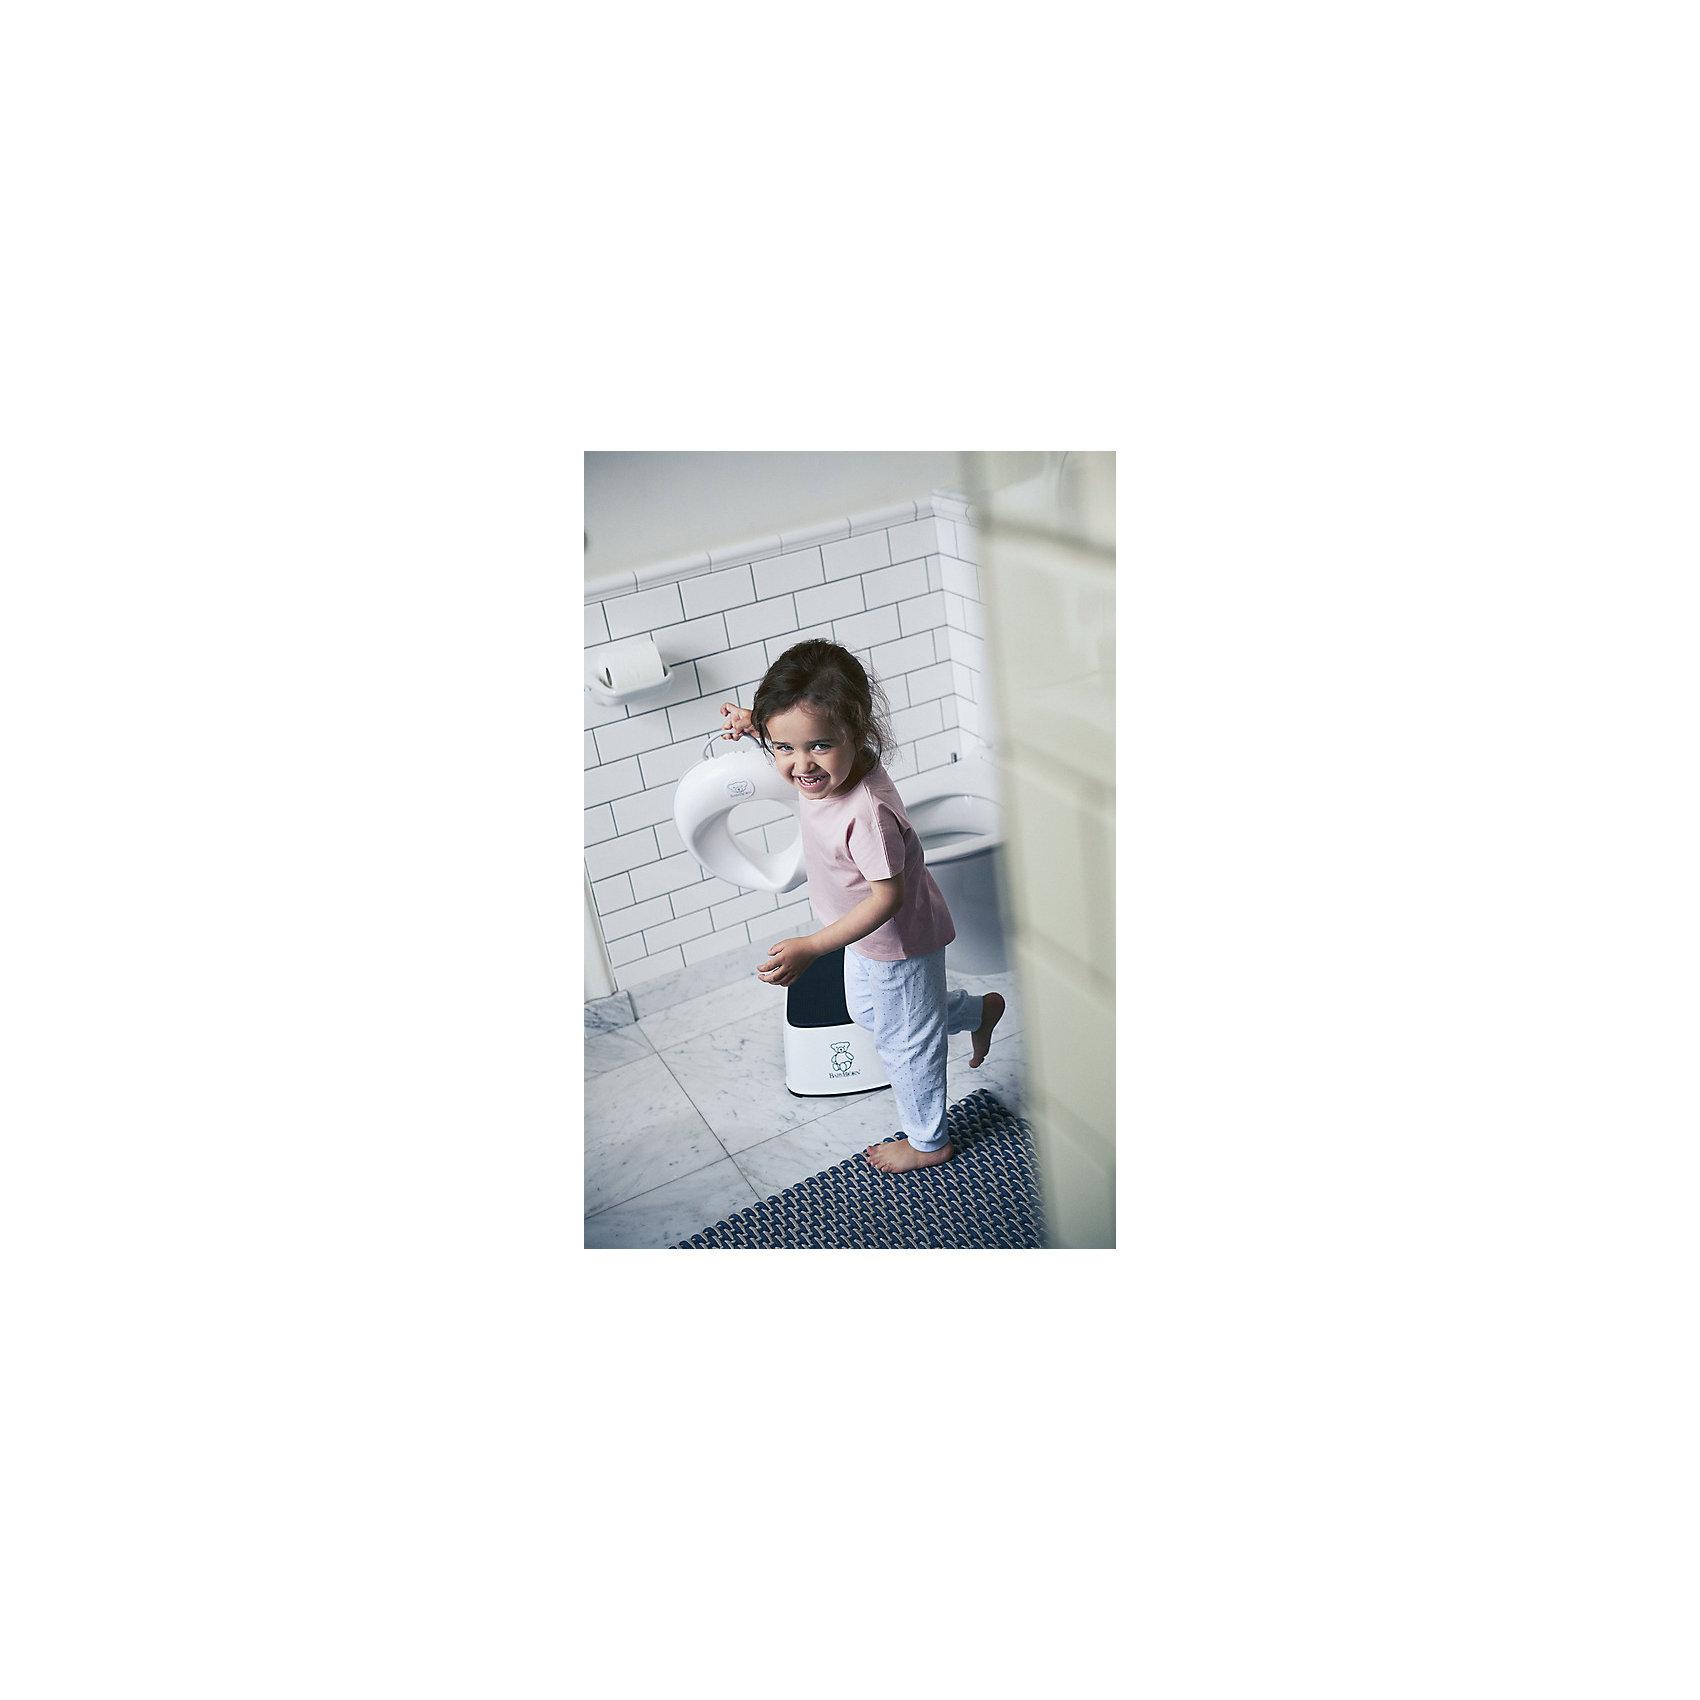 Сиденье для унитаза BabyBjorn, белый/серый